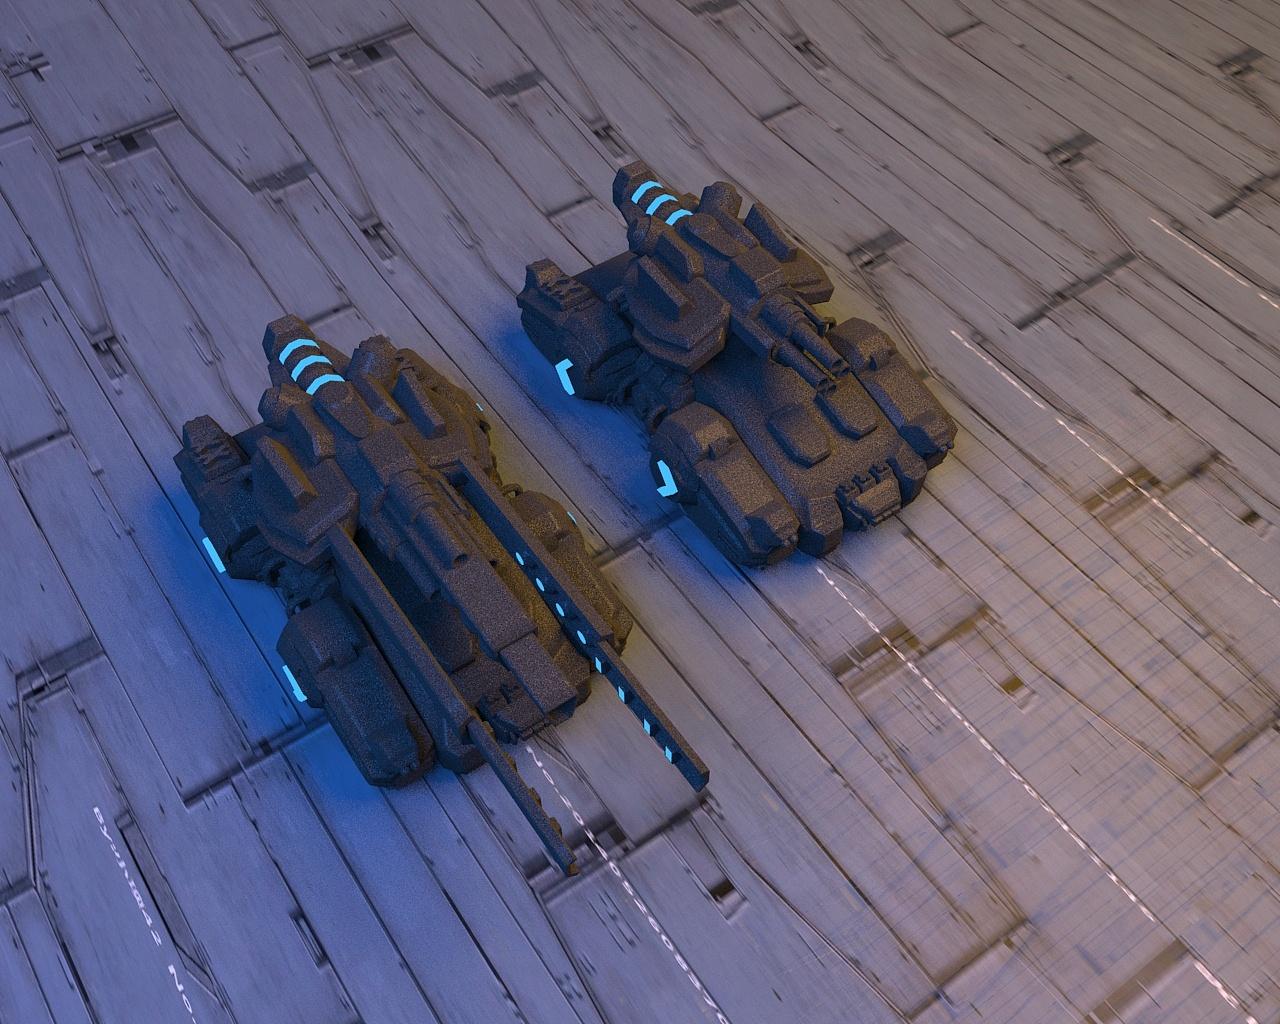 电磁轨道炮制作_坦克带着个电磁轨道炮,有两种模式,一个